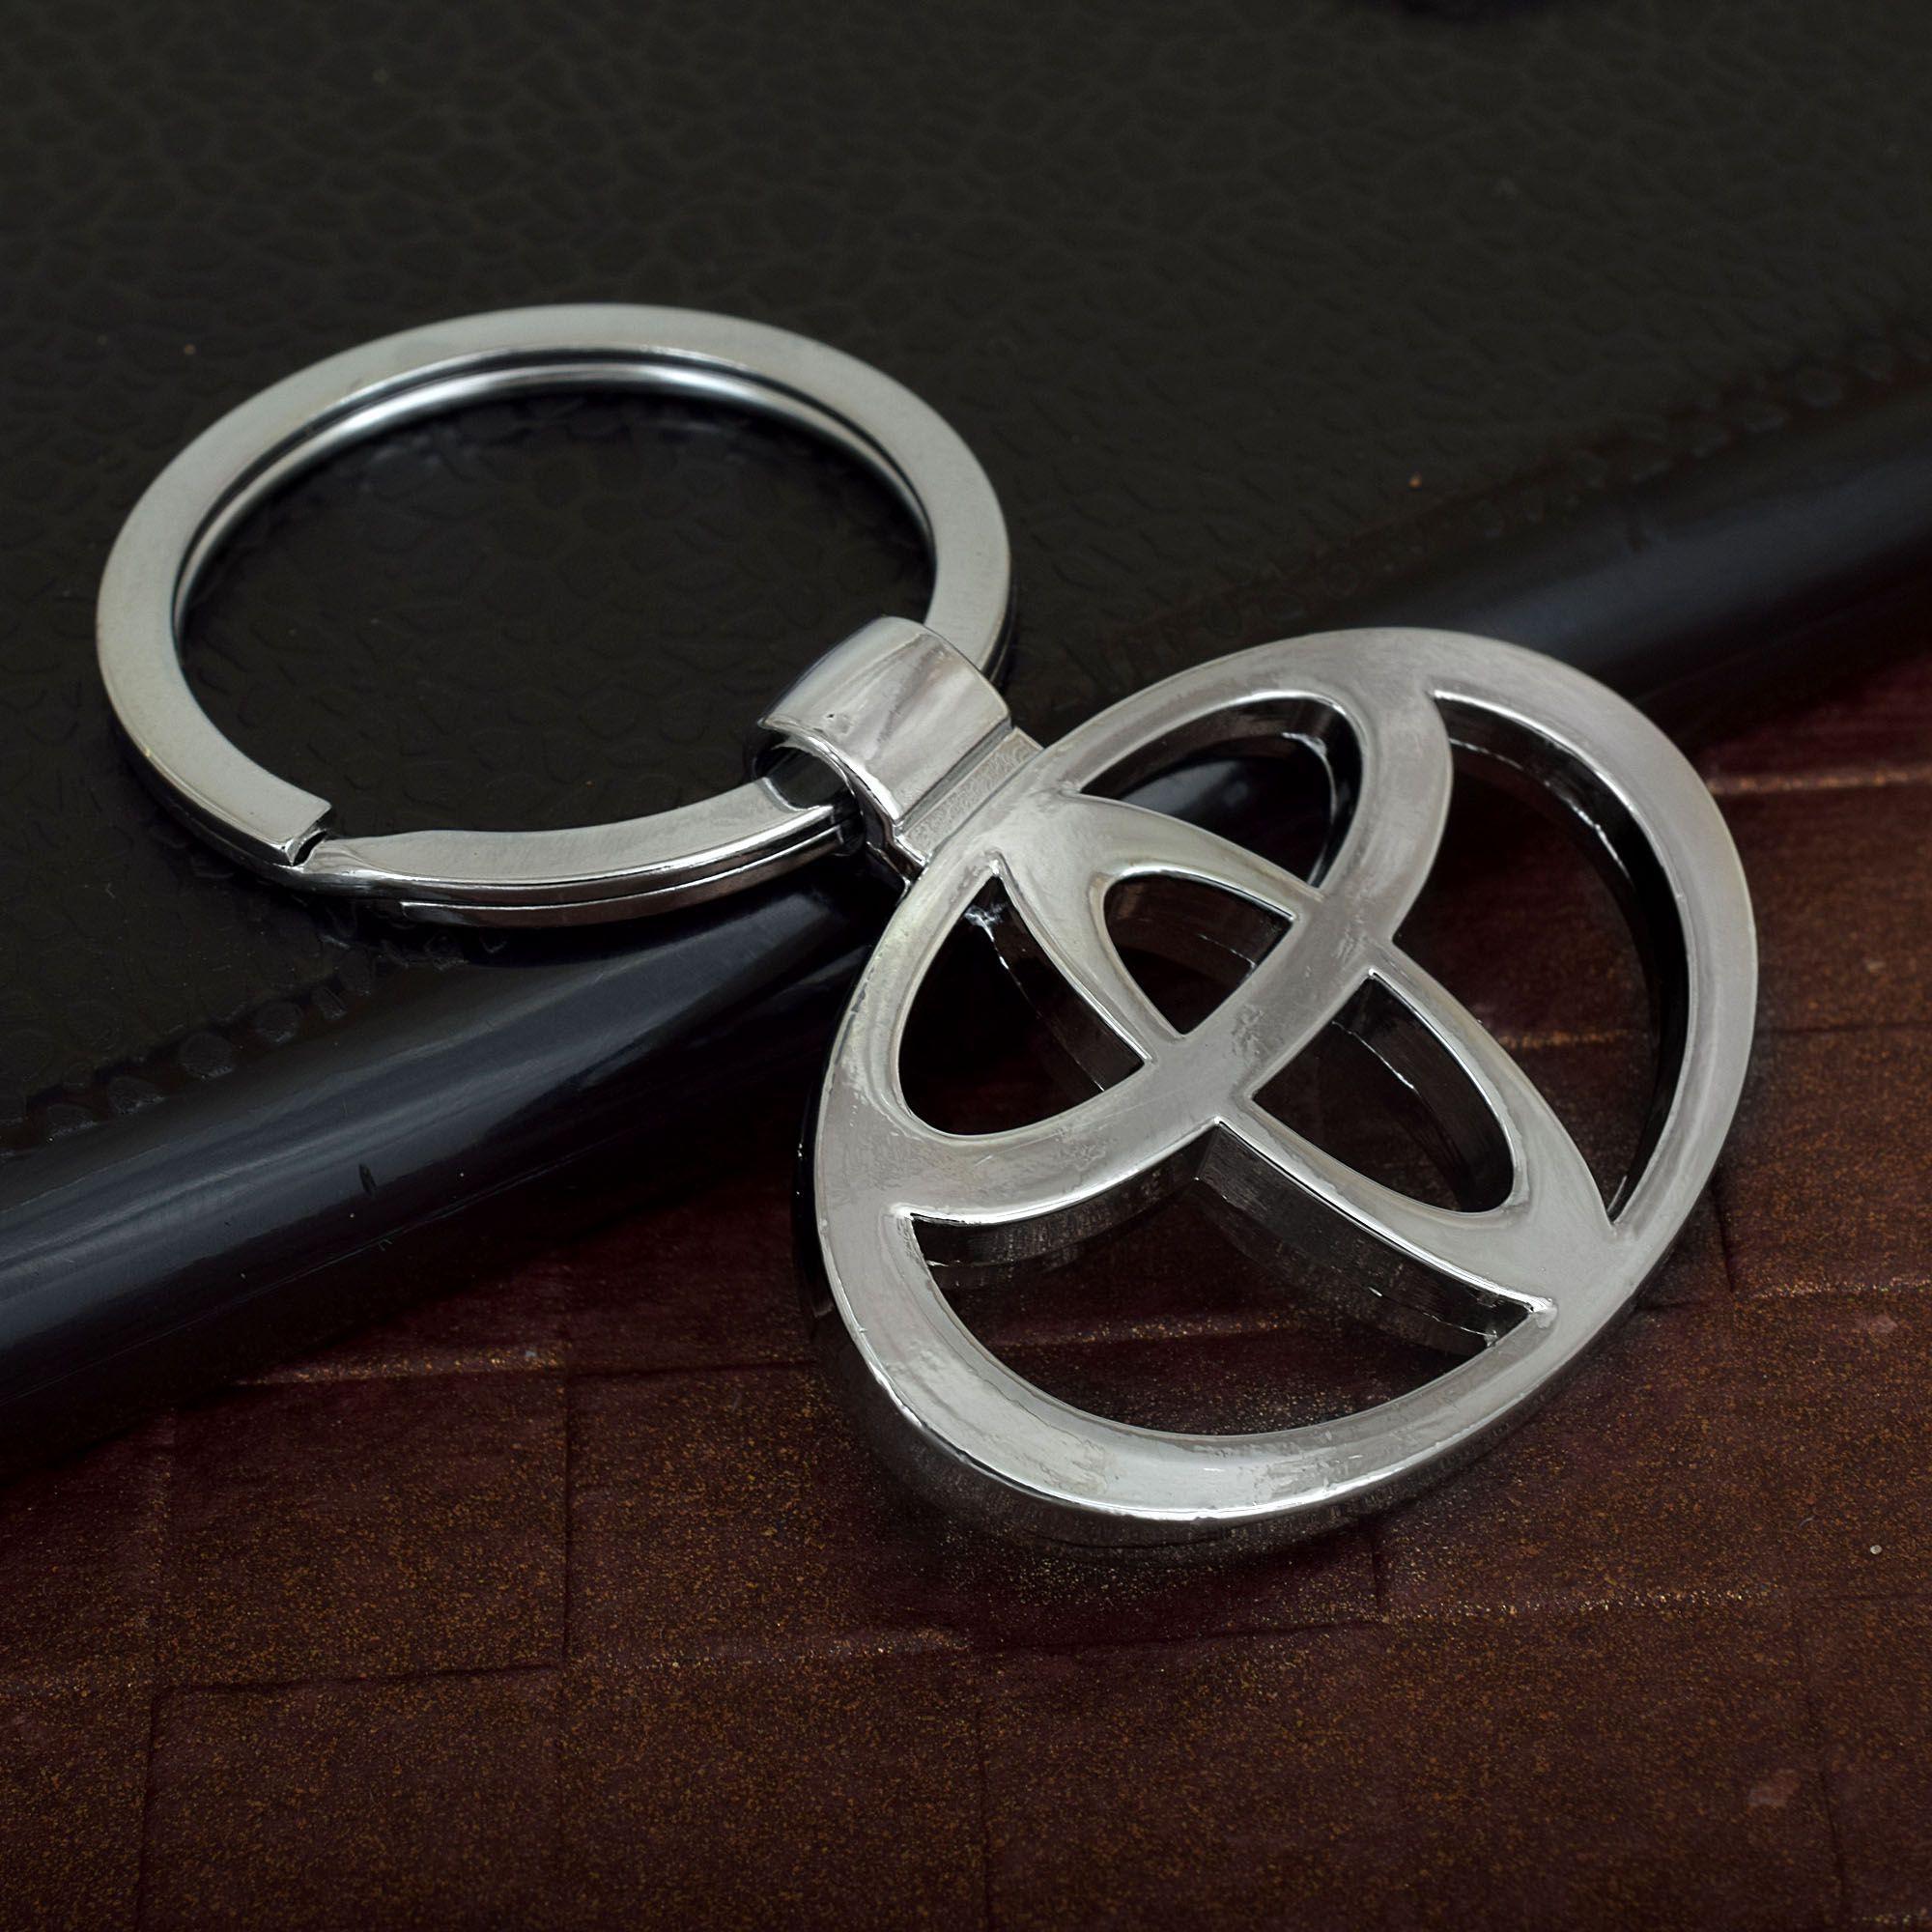 Memoir Stainless Steel Logo Toyota Key Ring Key Chain